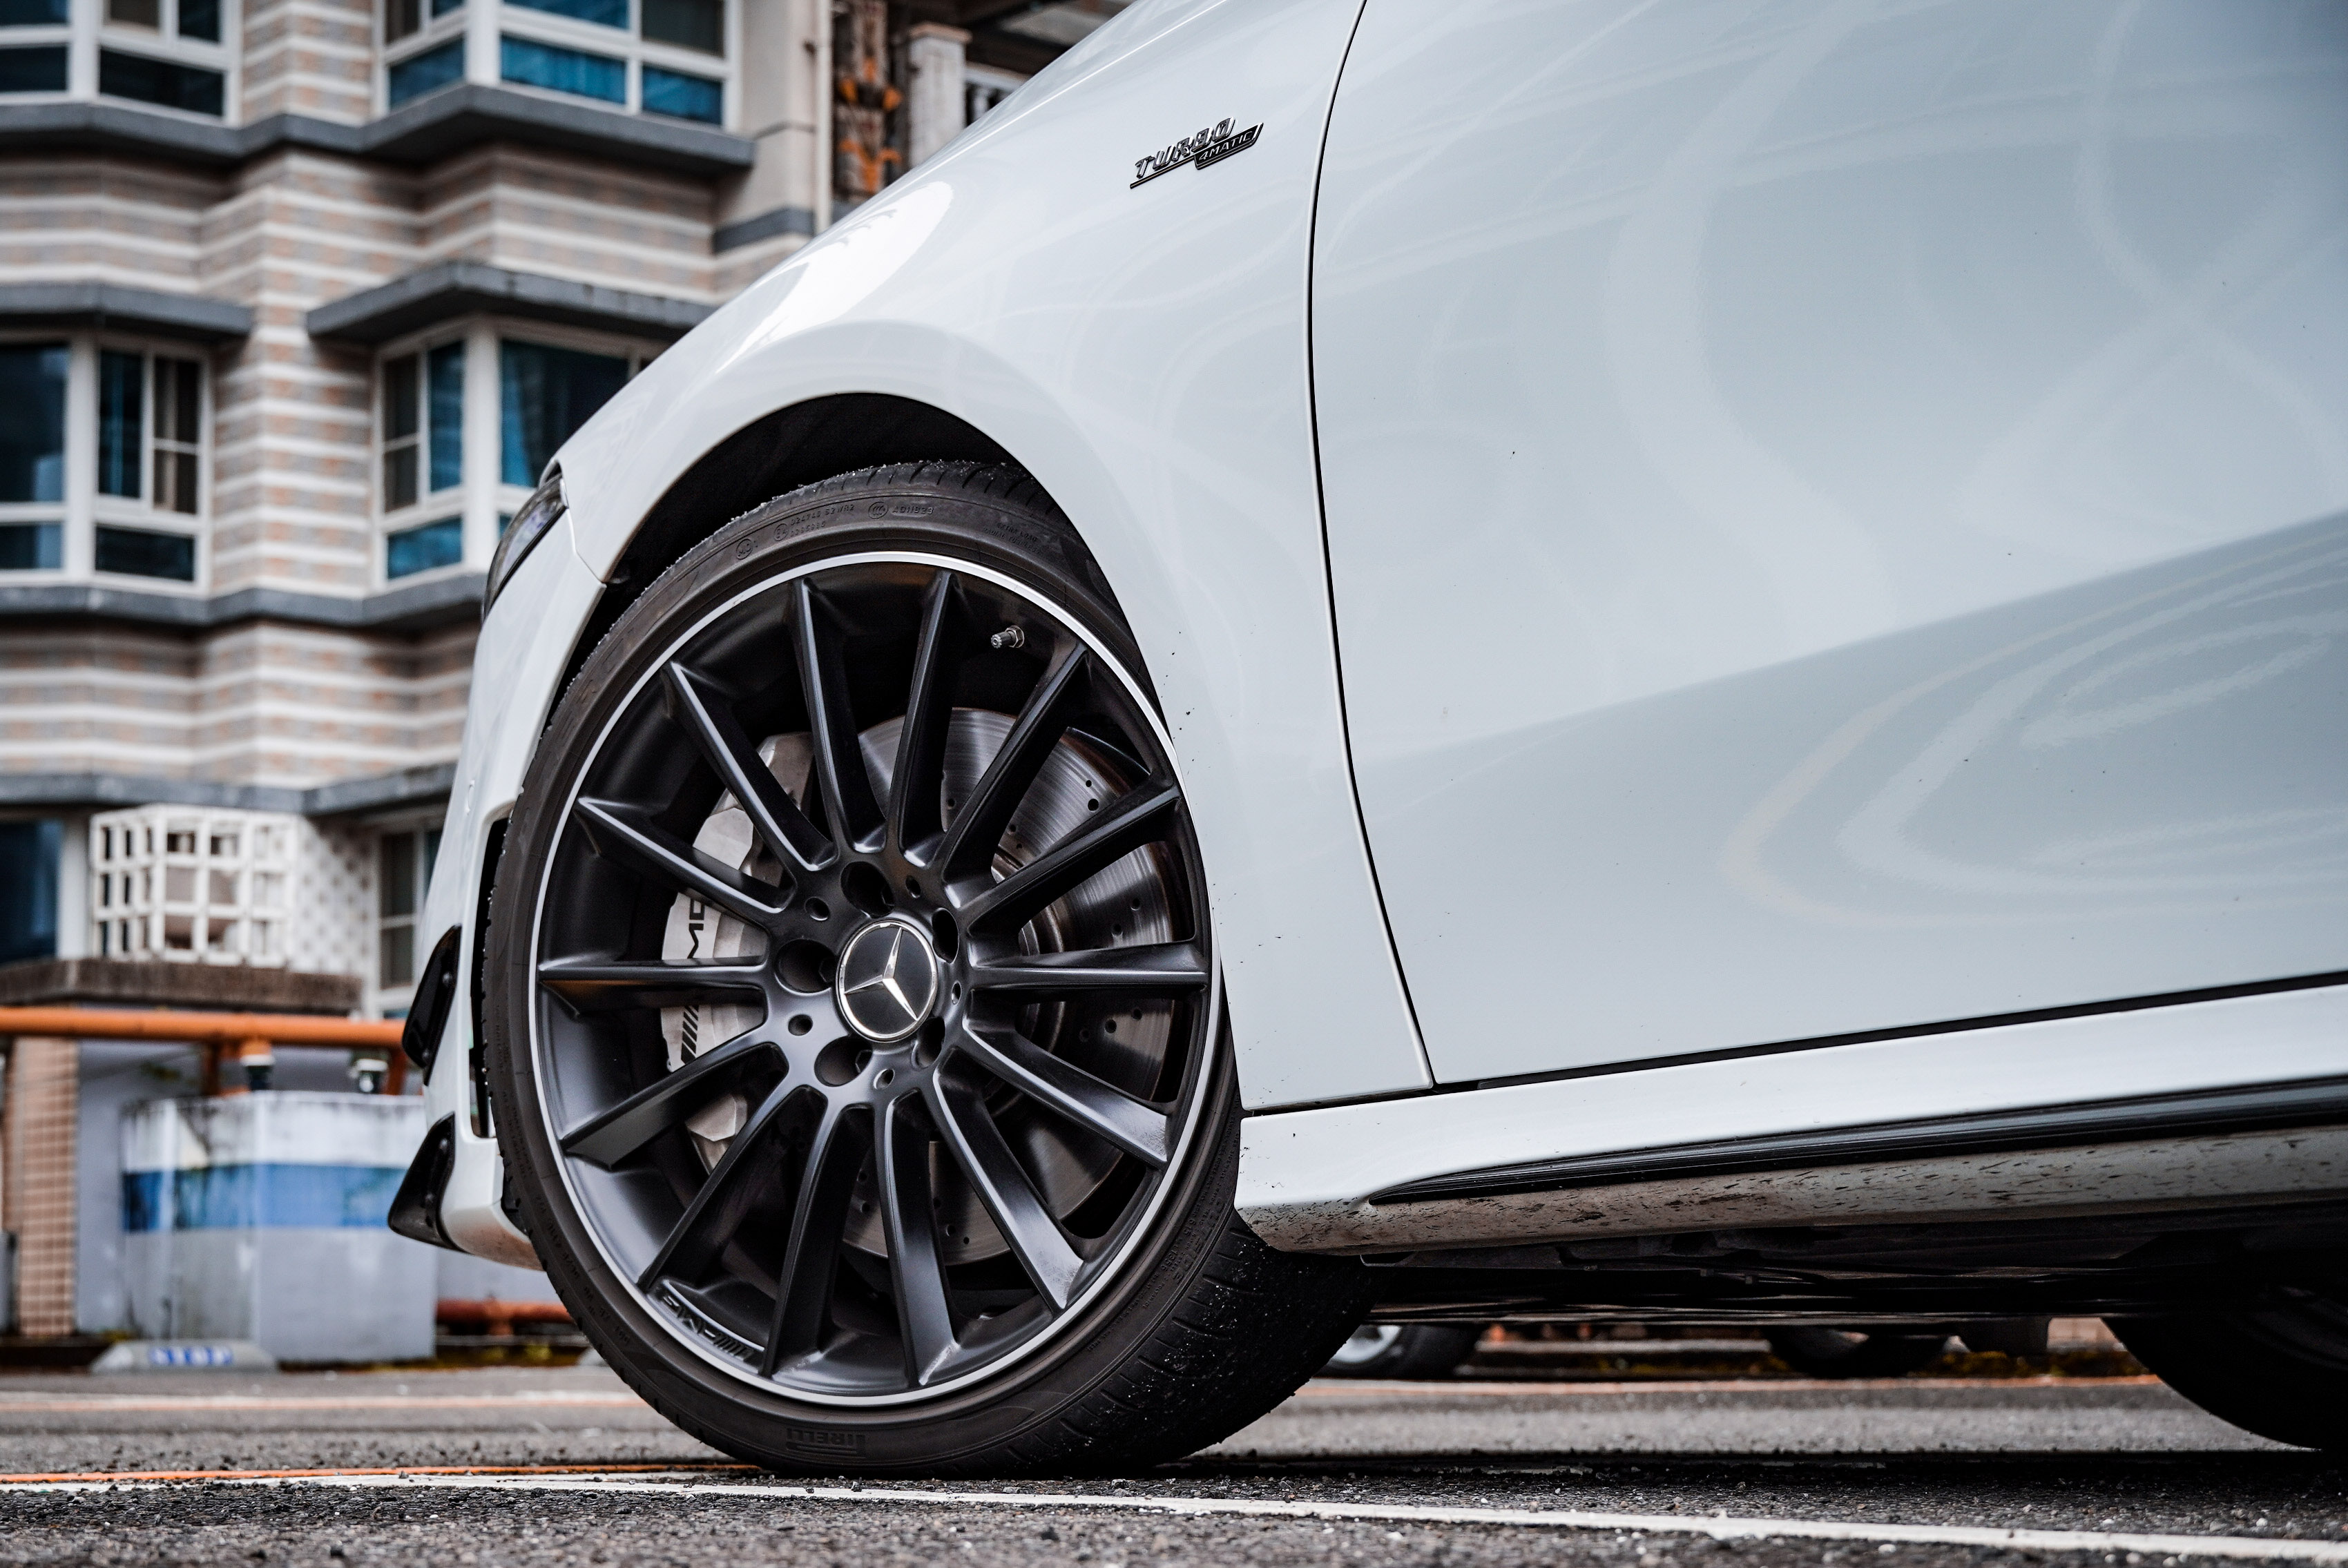 試駕車選配黑色 19 吋AMG 多輻式輕合金輪圈,標配為銀色。